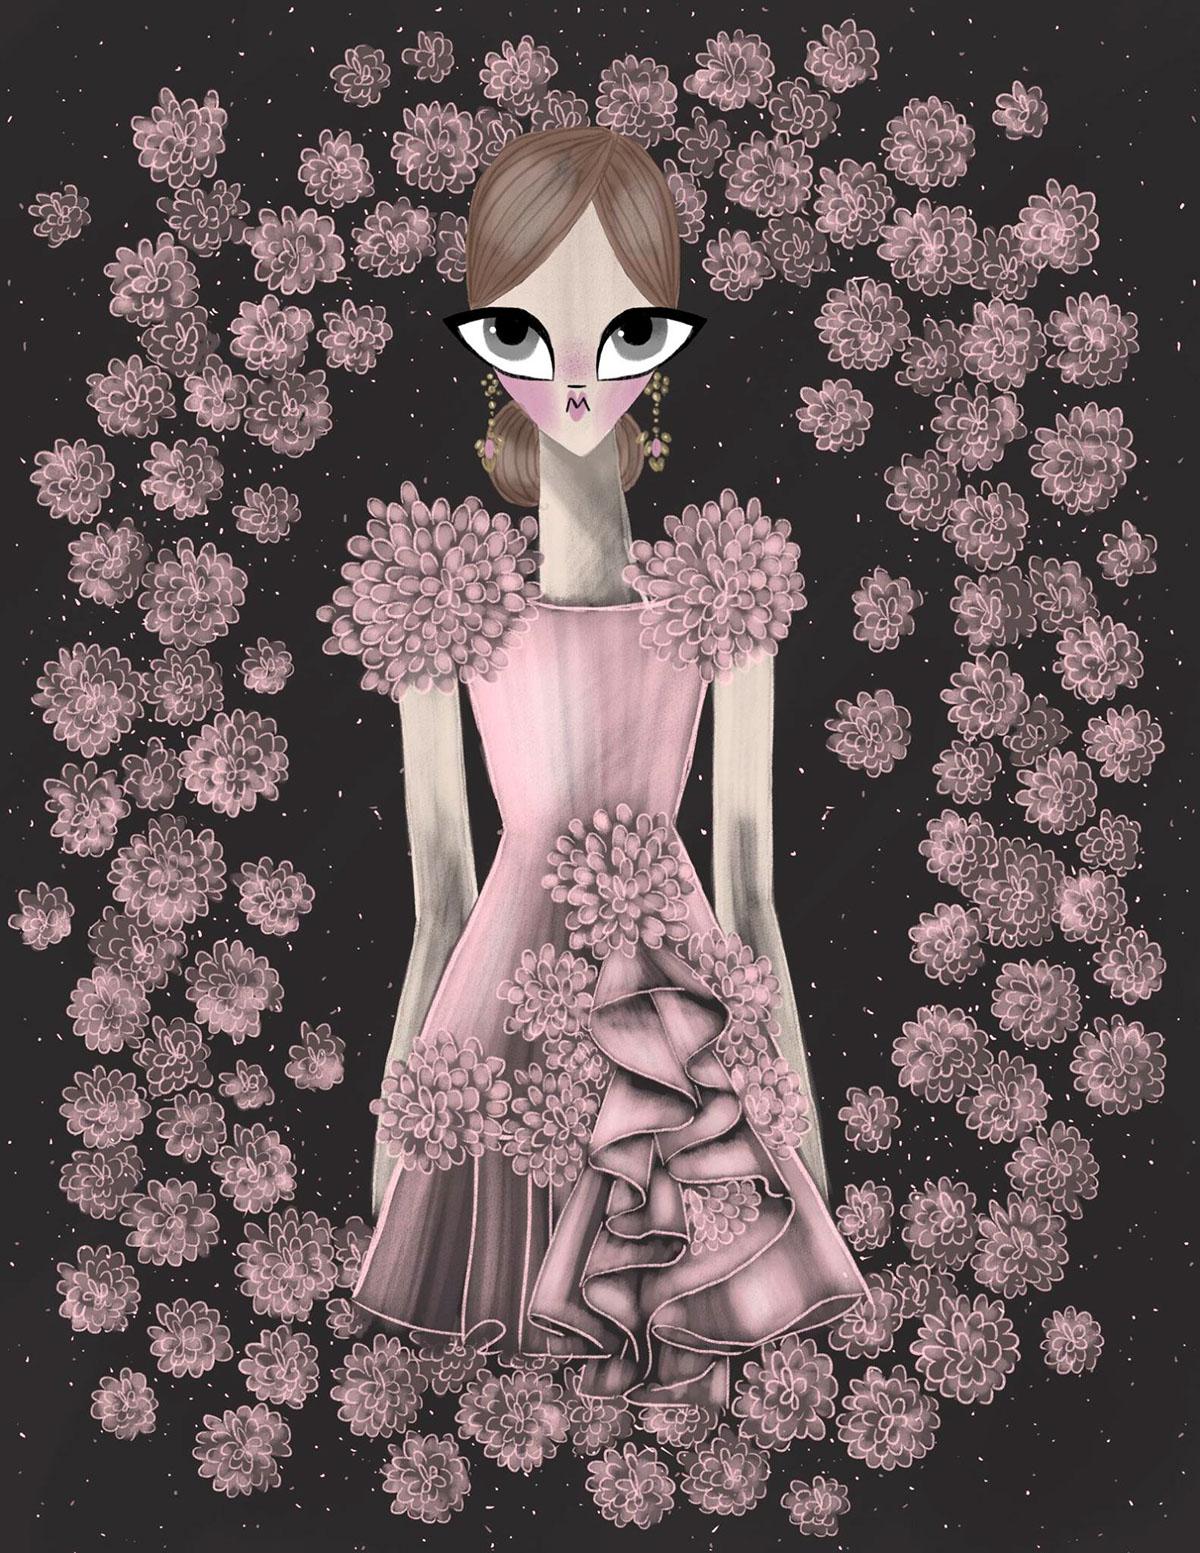 fashionillustration Marchesa prefall2016 georginachavez mexico cuu artist